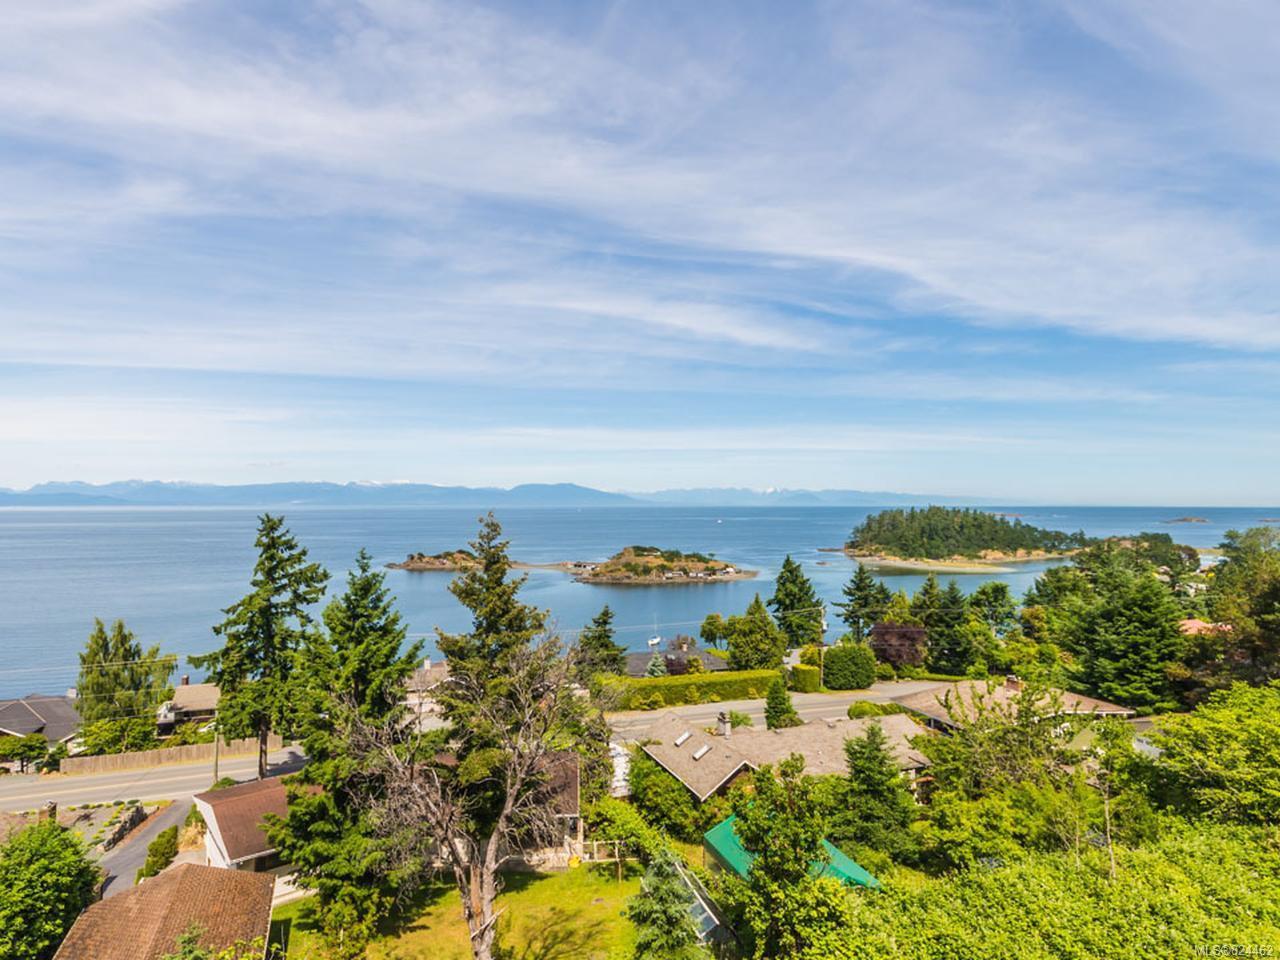 Main Photo: 3864 Gulfview Dr in NANAIMO: Na North Nanaimo House for sale (Nanaimo)  : MLS®# 824462